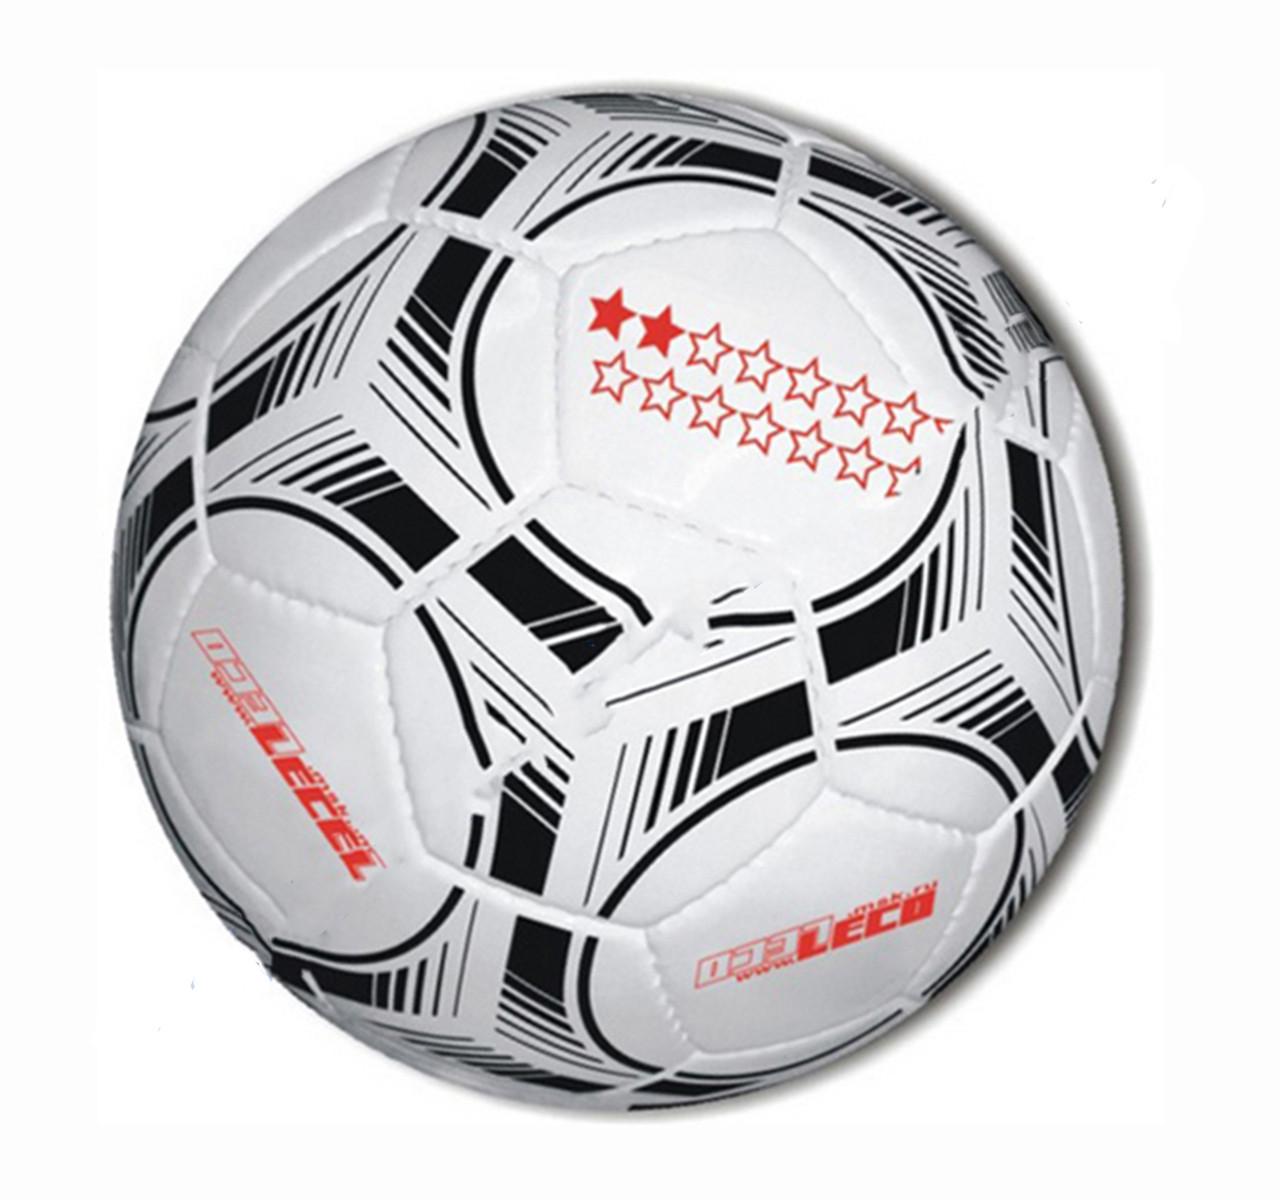 Мяч футбольный 2 звезды Россия